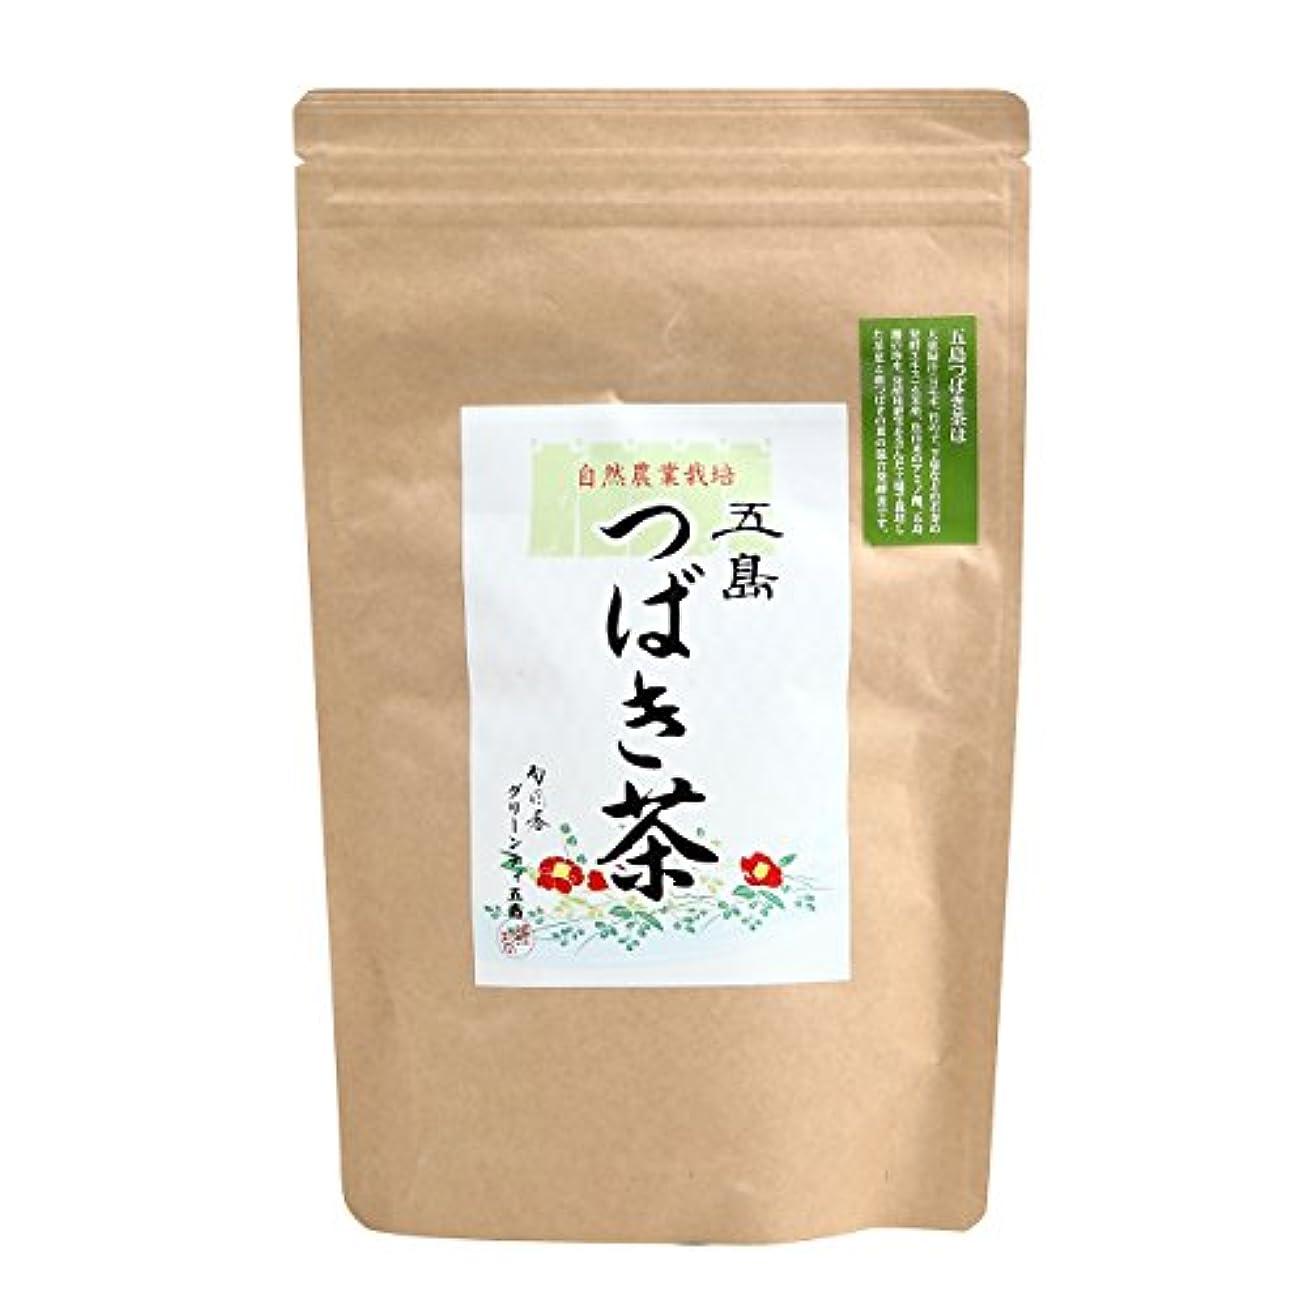 交流する不正雑草五島つばき茶 90包